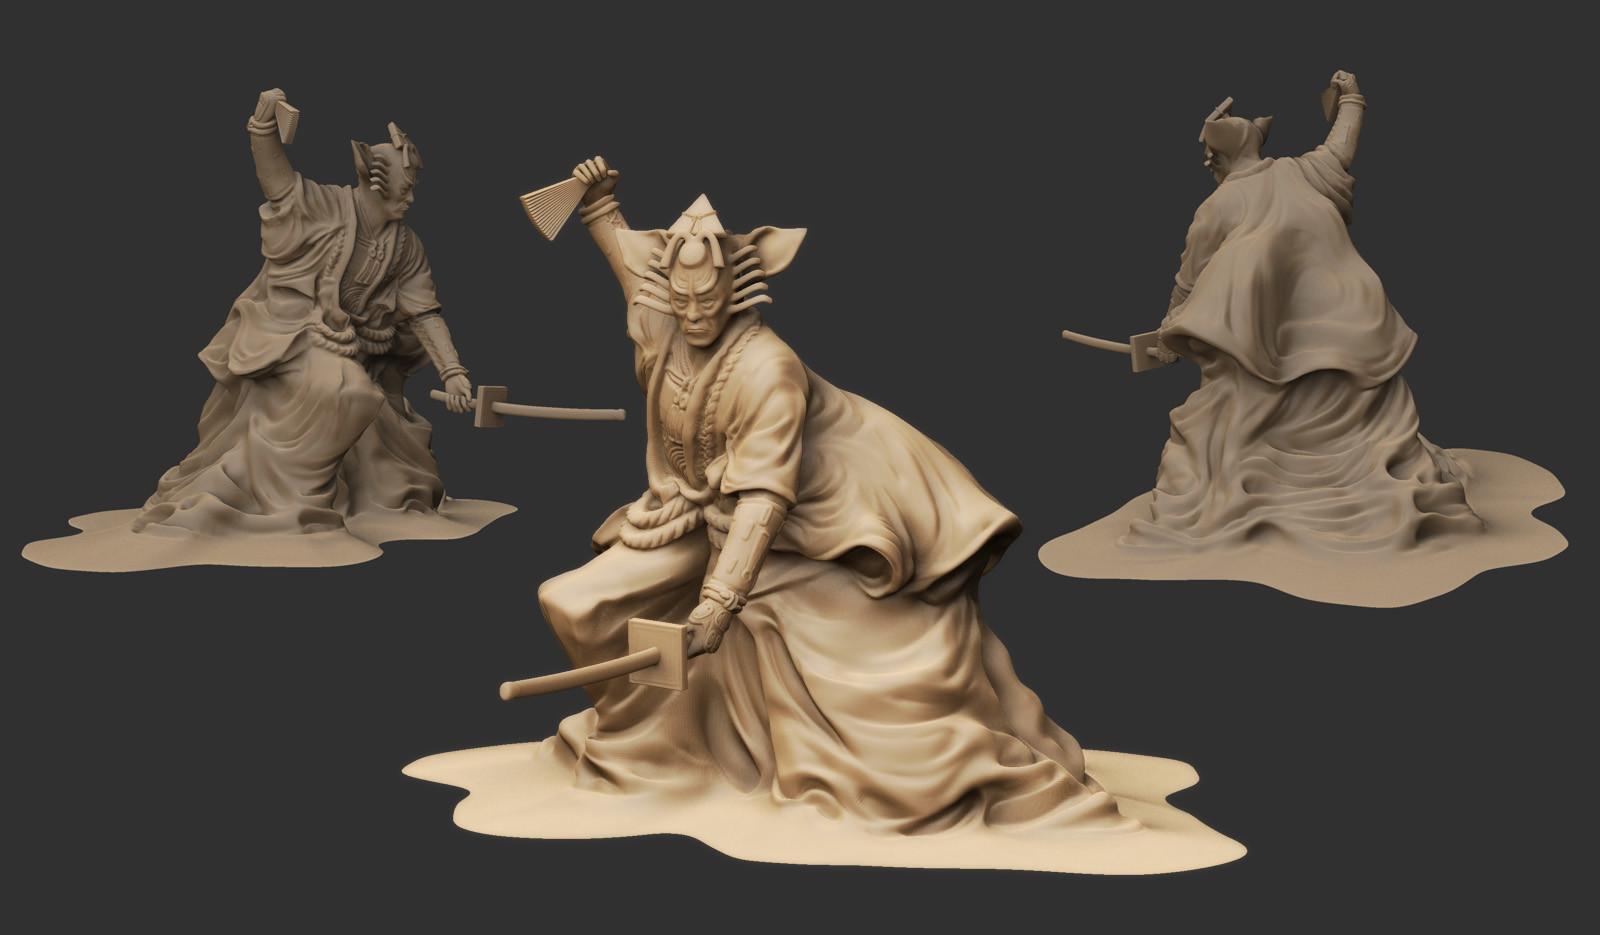 Dani santos estatua 1